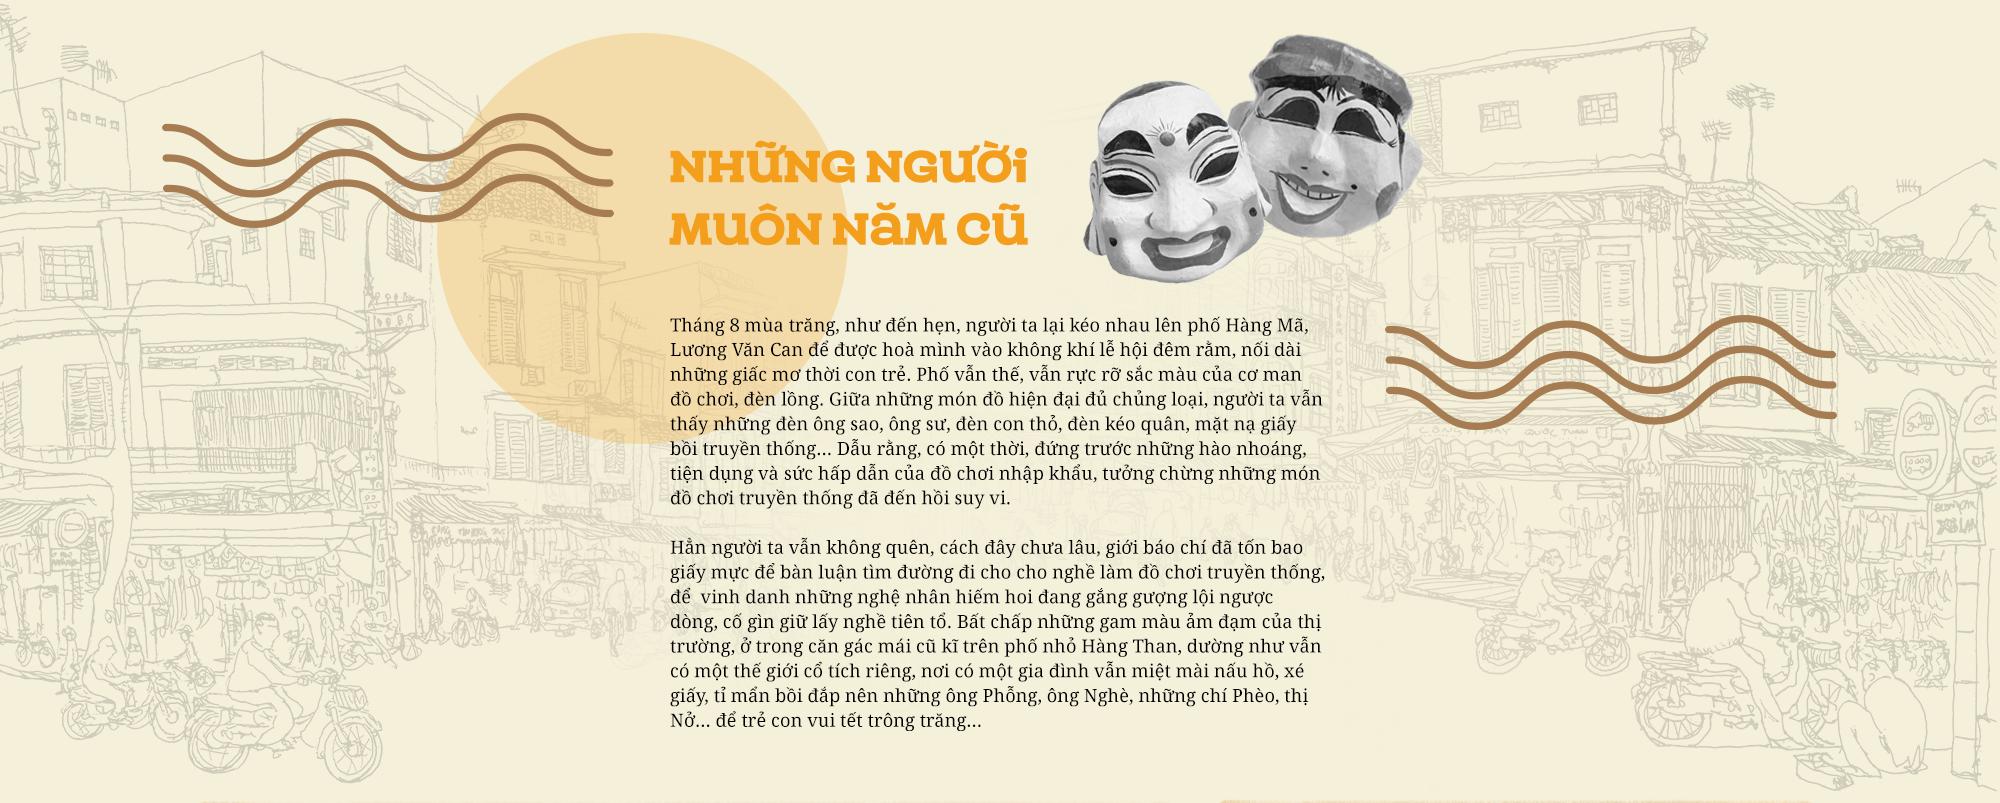 Thu Hà Nội: Kể chuyện cũ, nhớ người xưa - Ảnh 1.